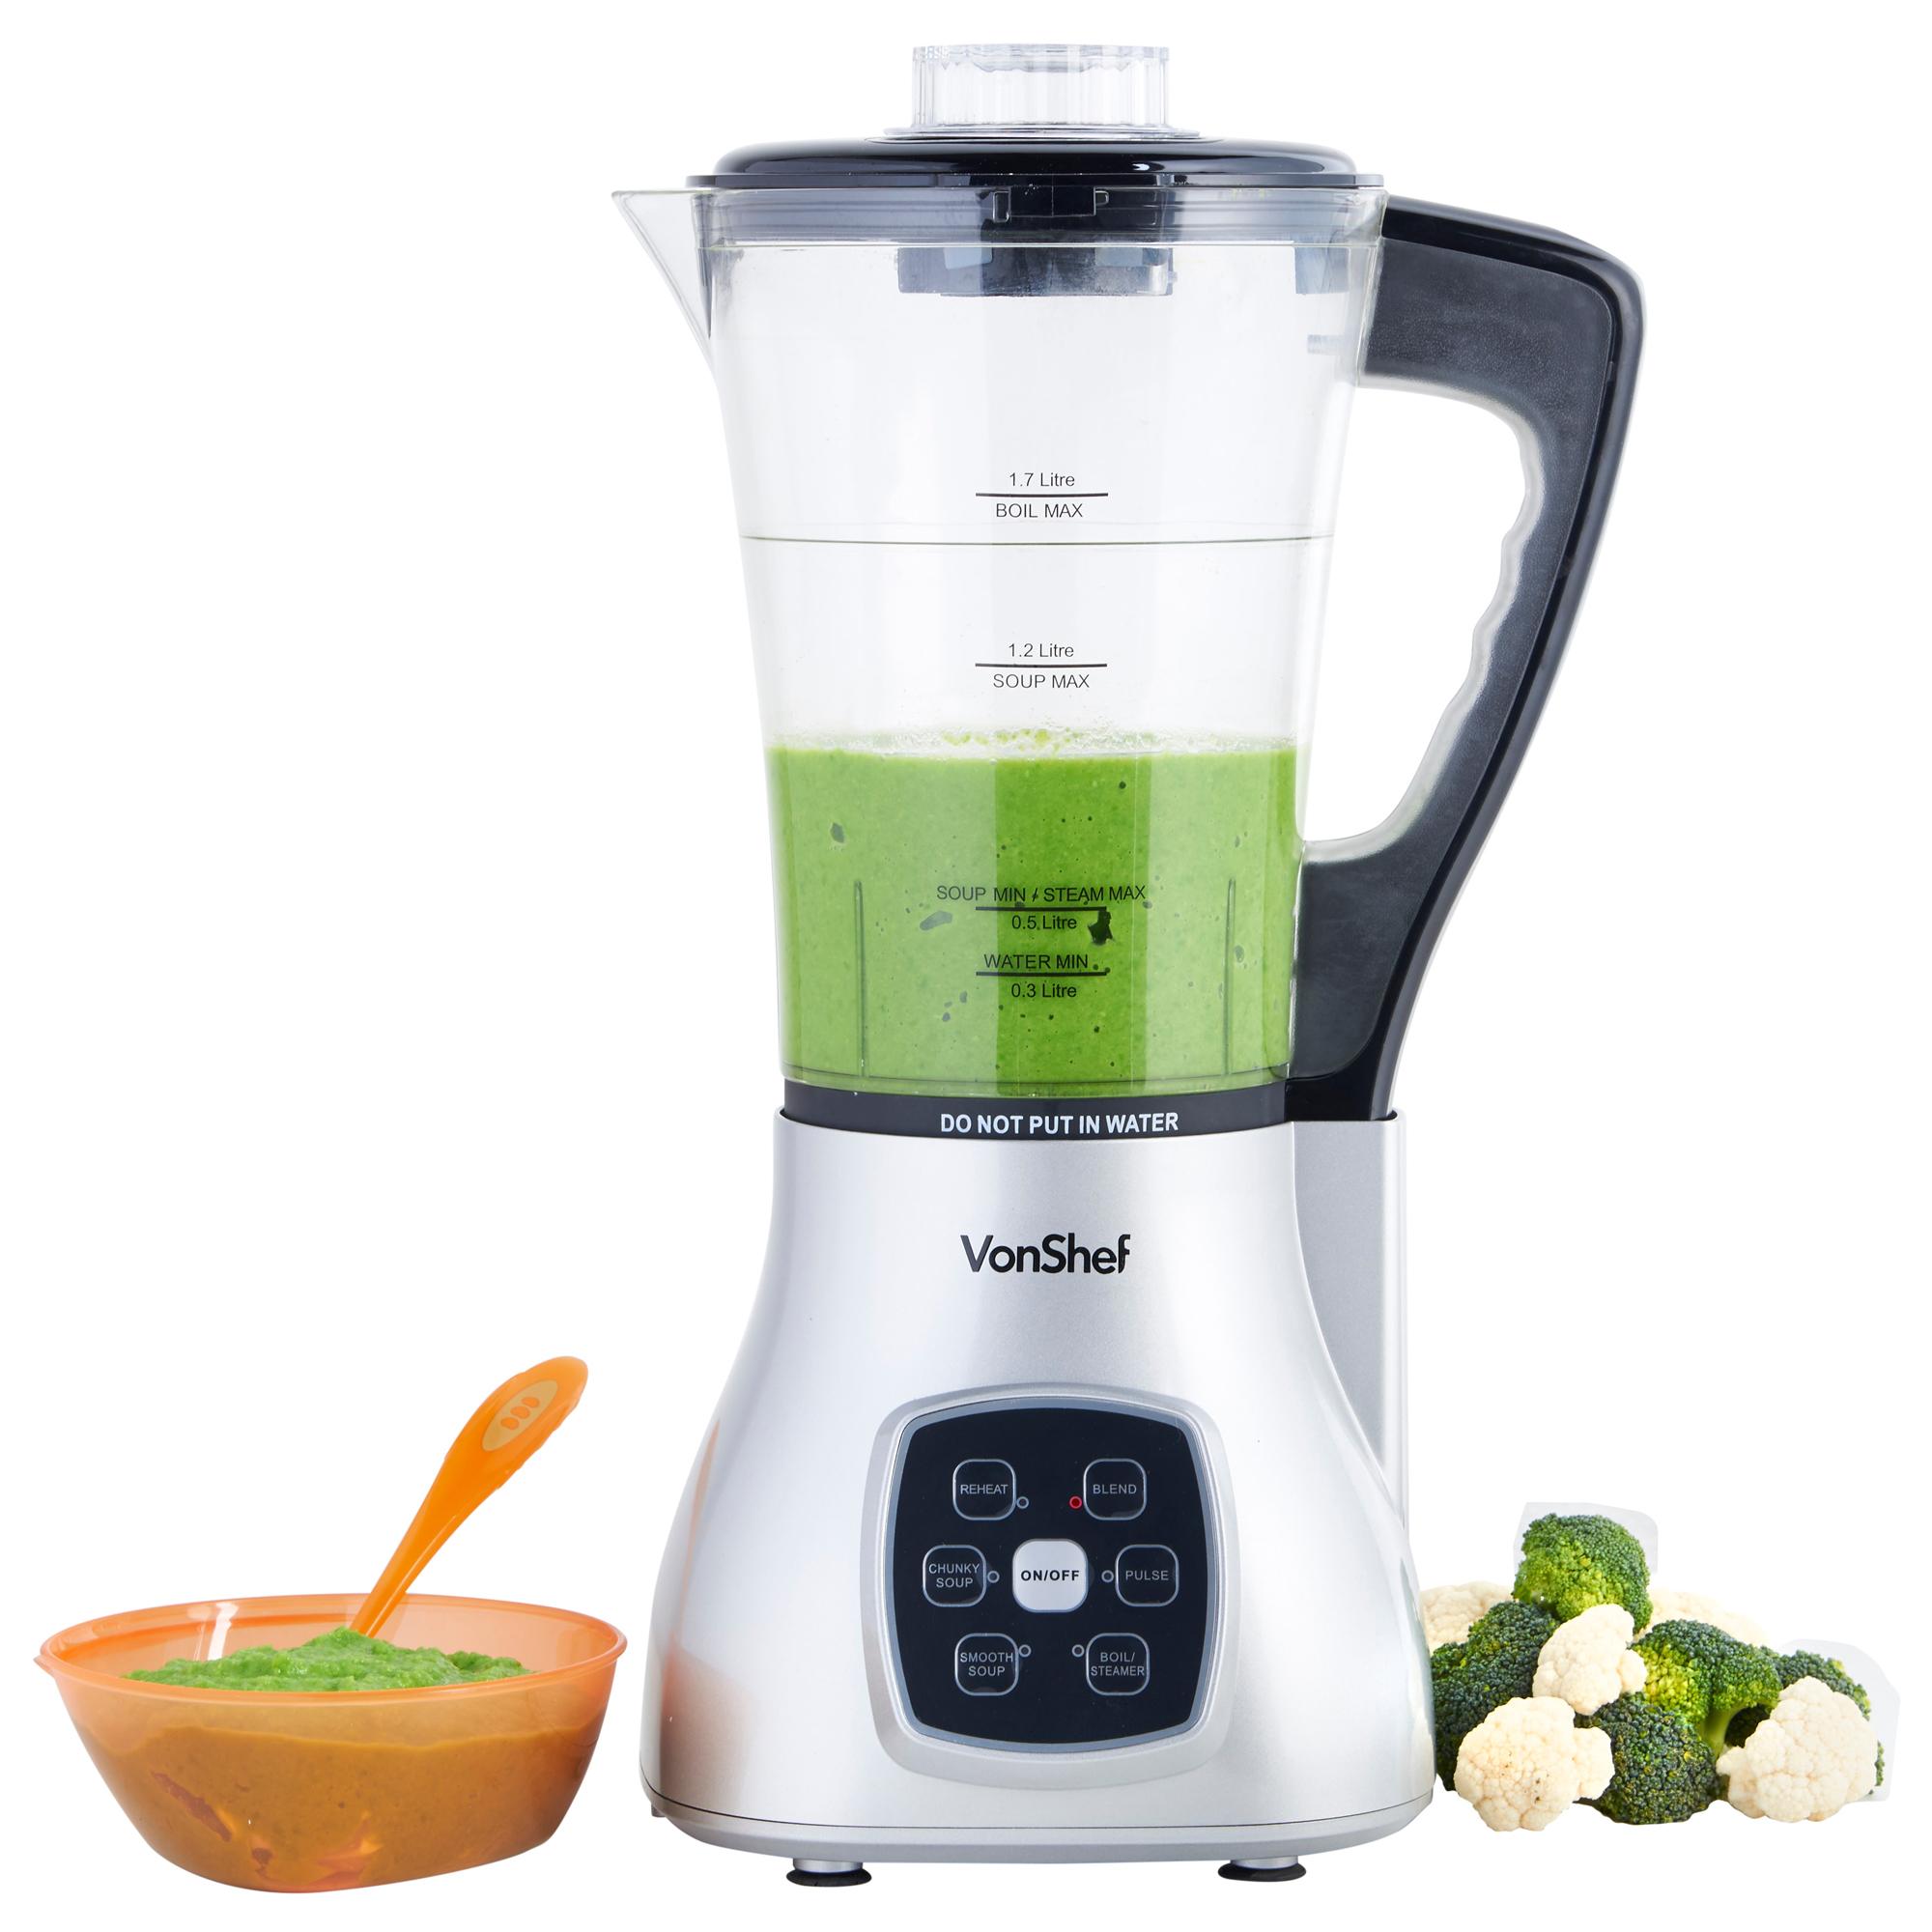 vonshef soup maker blender juicer smoothie machine. Black Bedroom Furniture Sets. Home Design Ideas